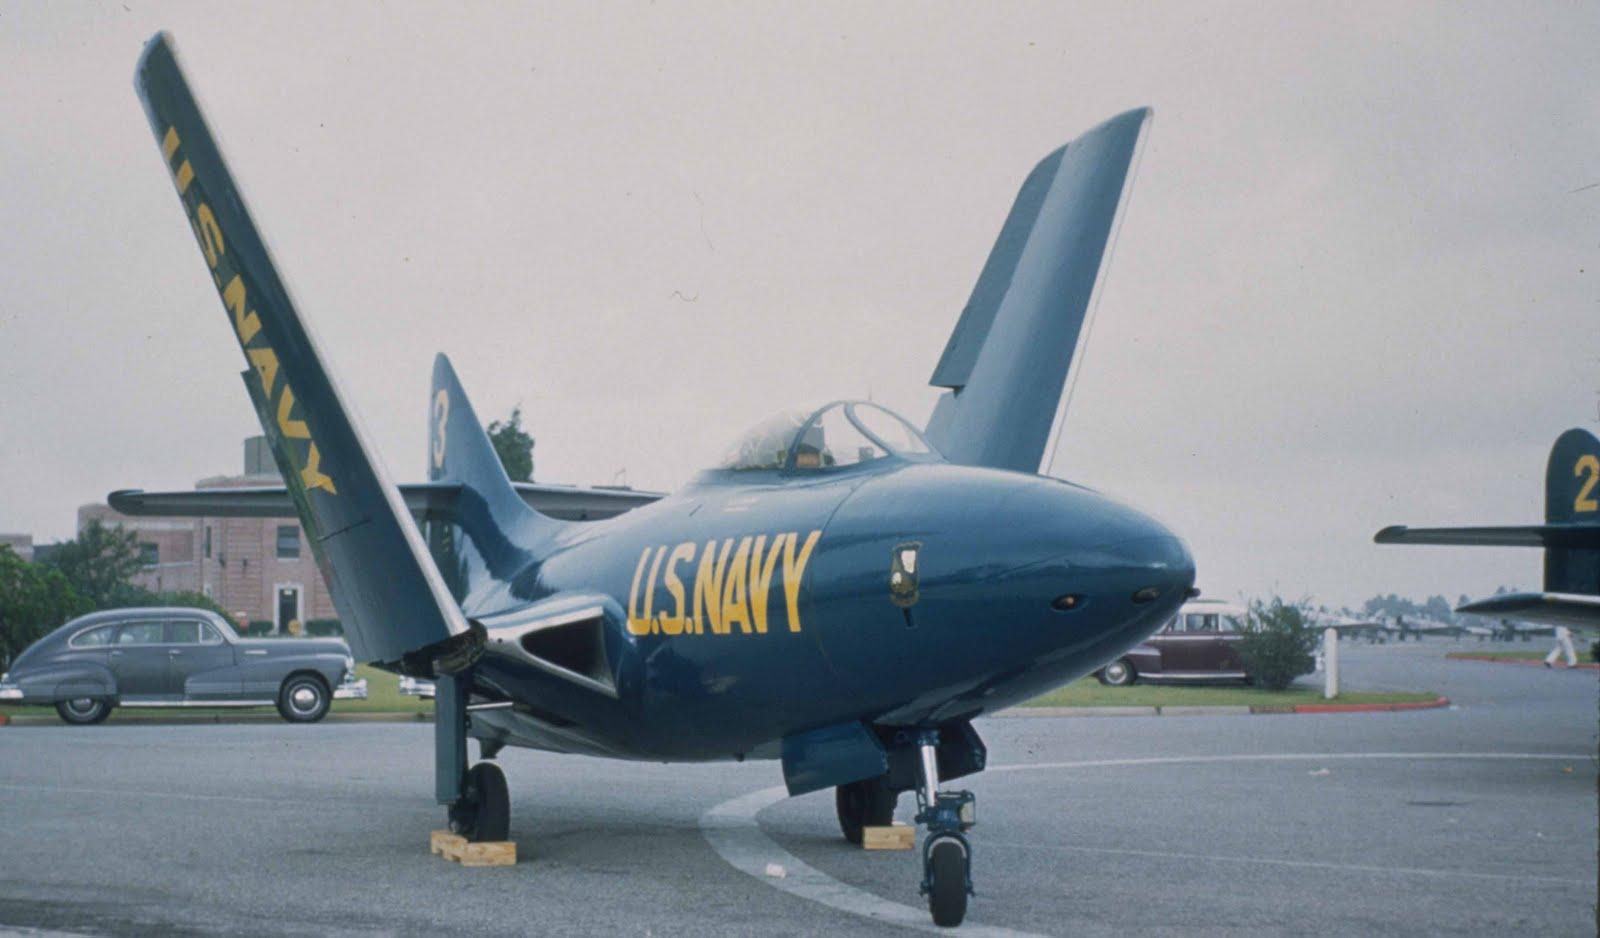 u.s. navy aircraft history: the blue angels aircraft (draft)